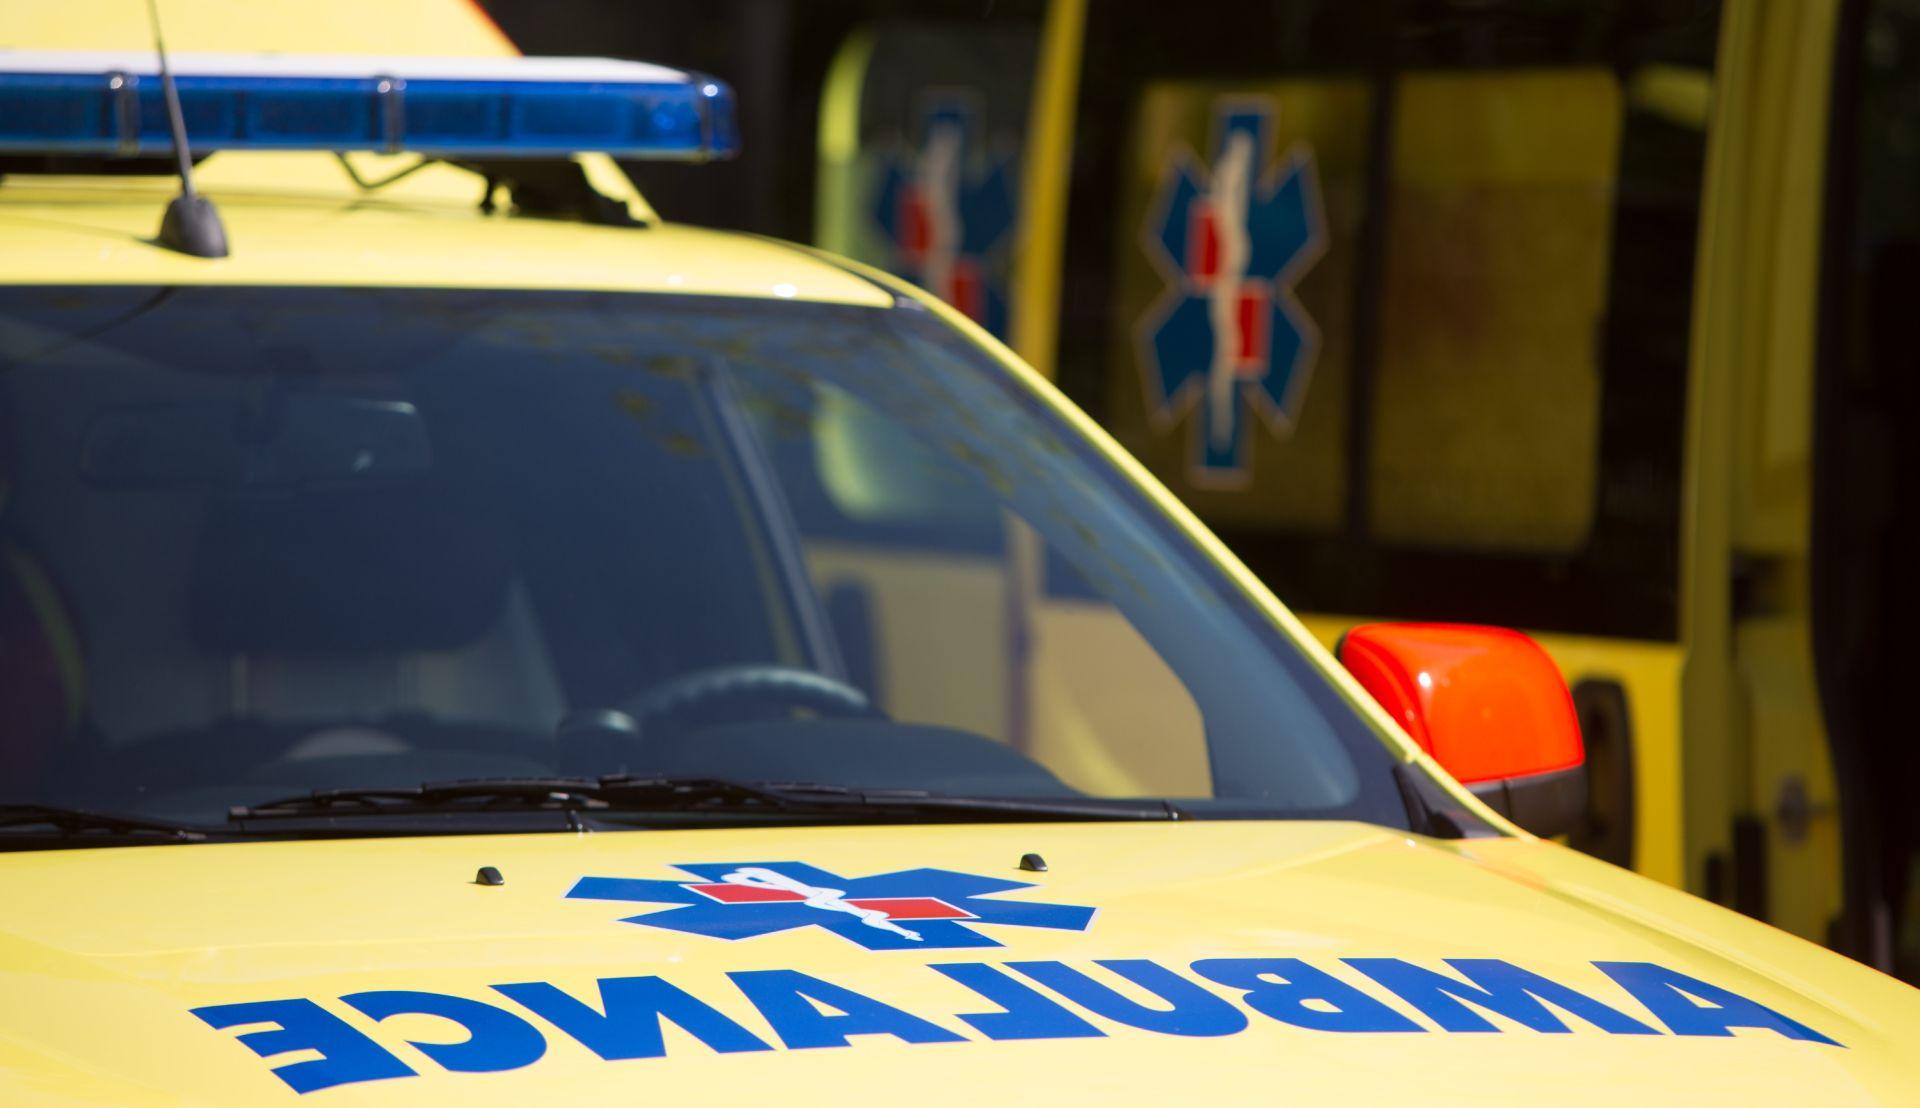 PIJAN I BEZ VOZAČKE DOZVOLE Nesreća na koncertu Graše u Tisnom, autom naletio na publiku, jedna žena kritično